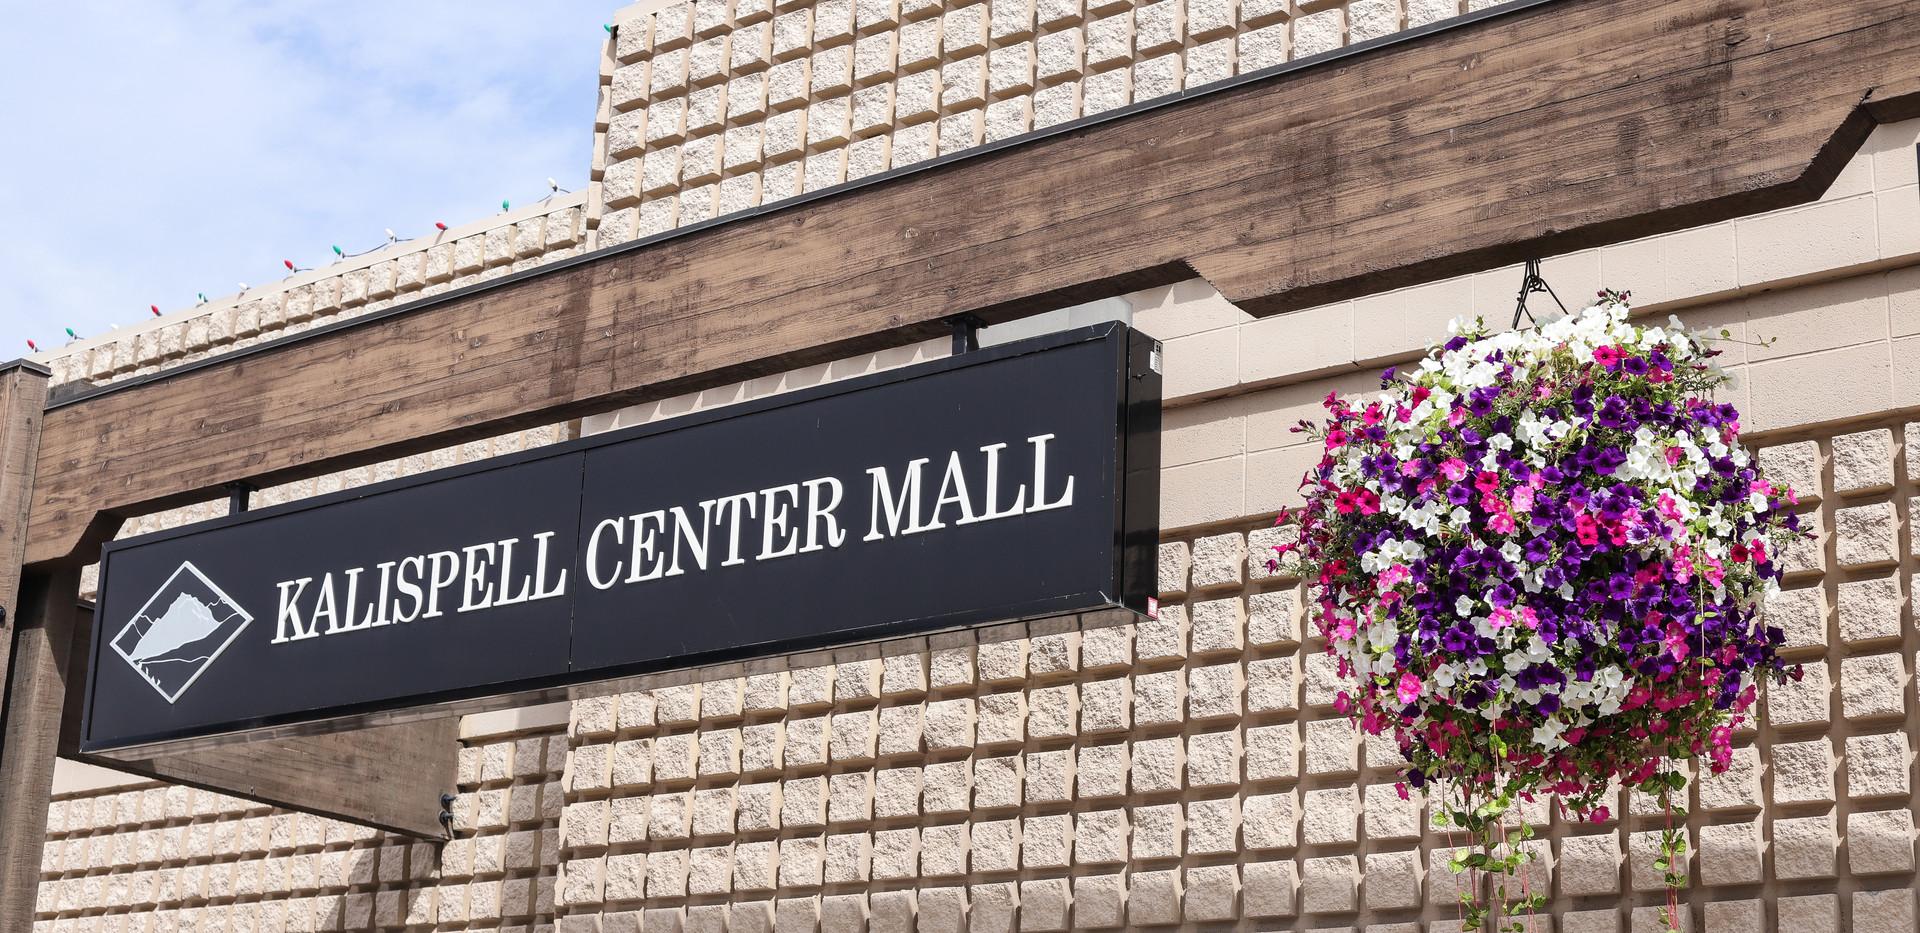 Kalispell Center Mall